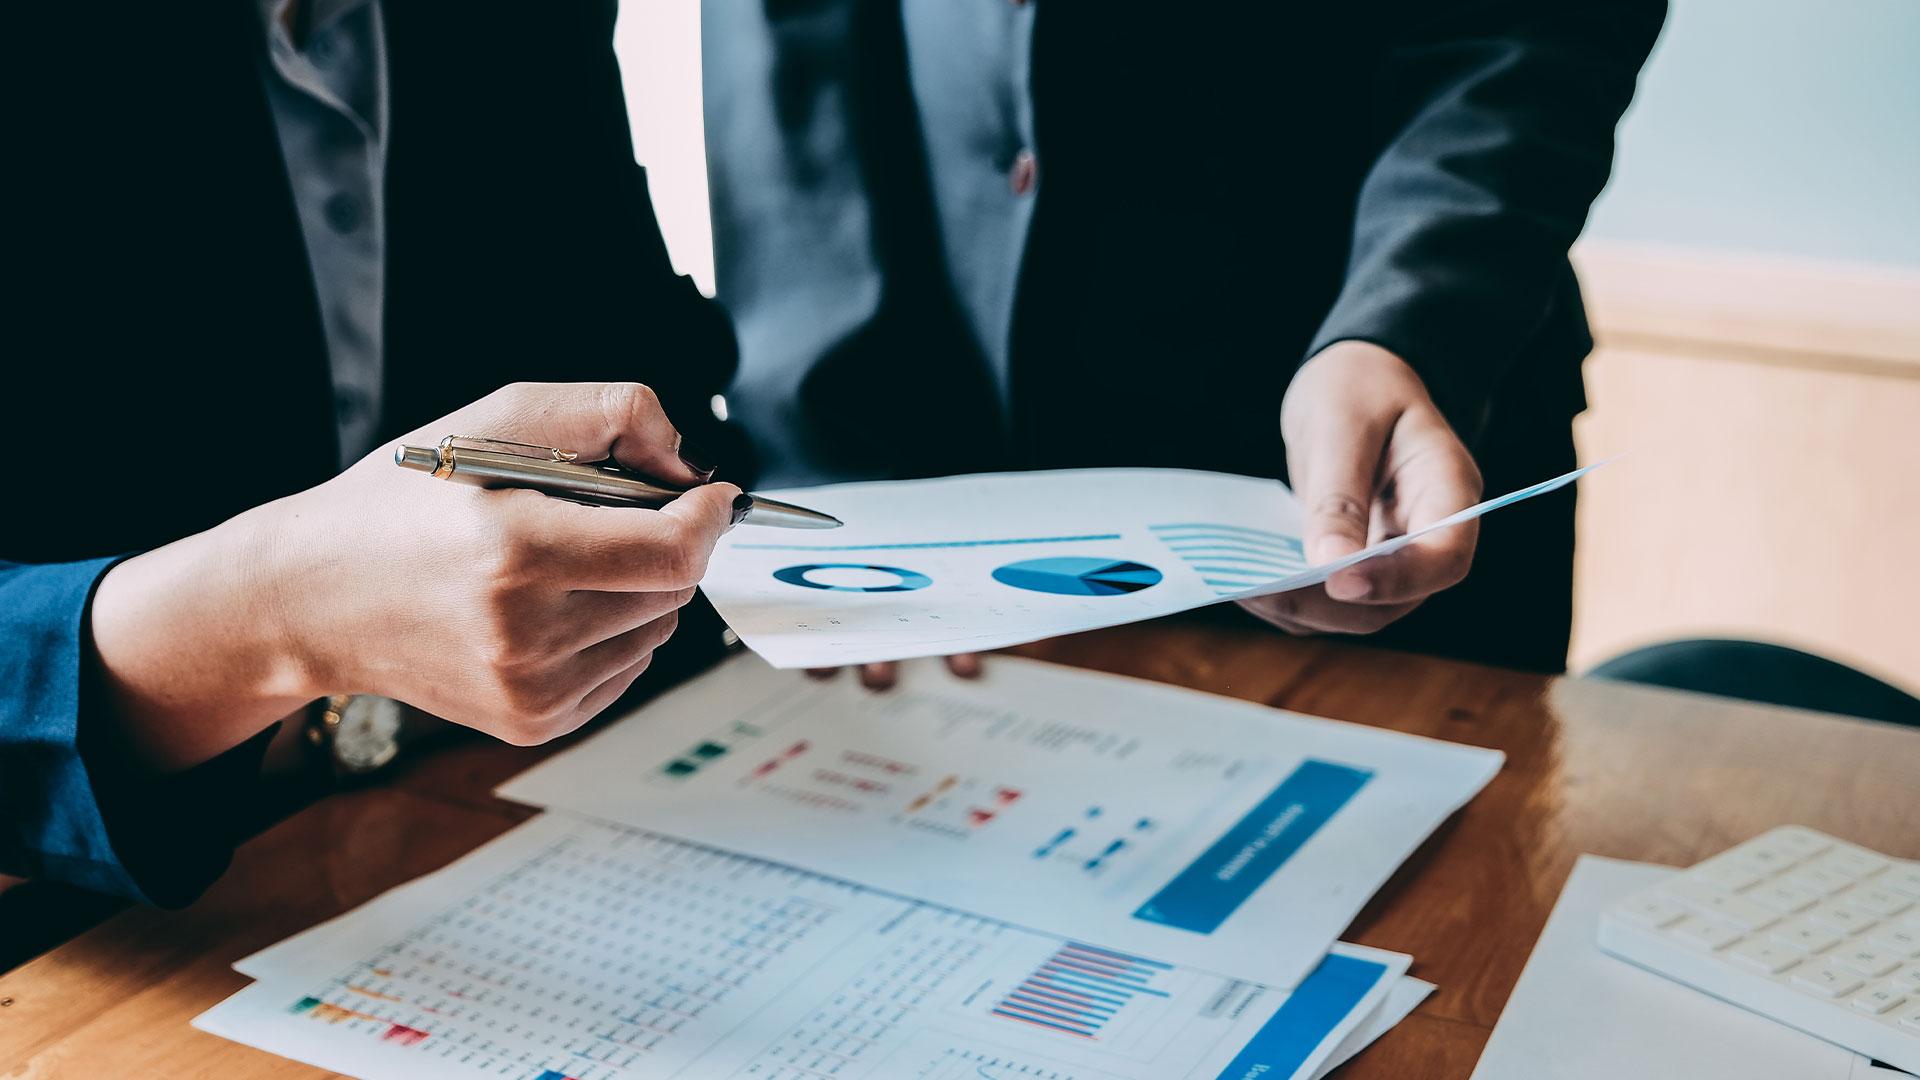 Finanza Ordinaria e Straordinaria: come possono aiutare l'imprenditore?